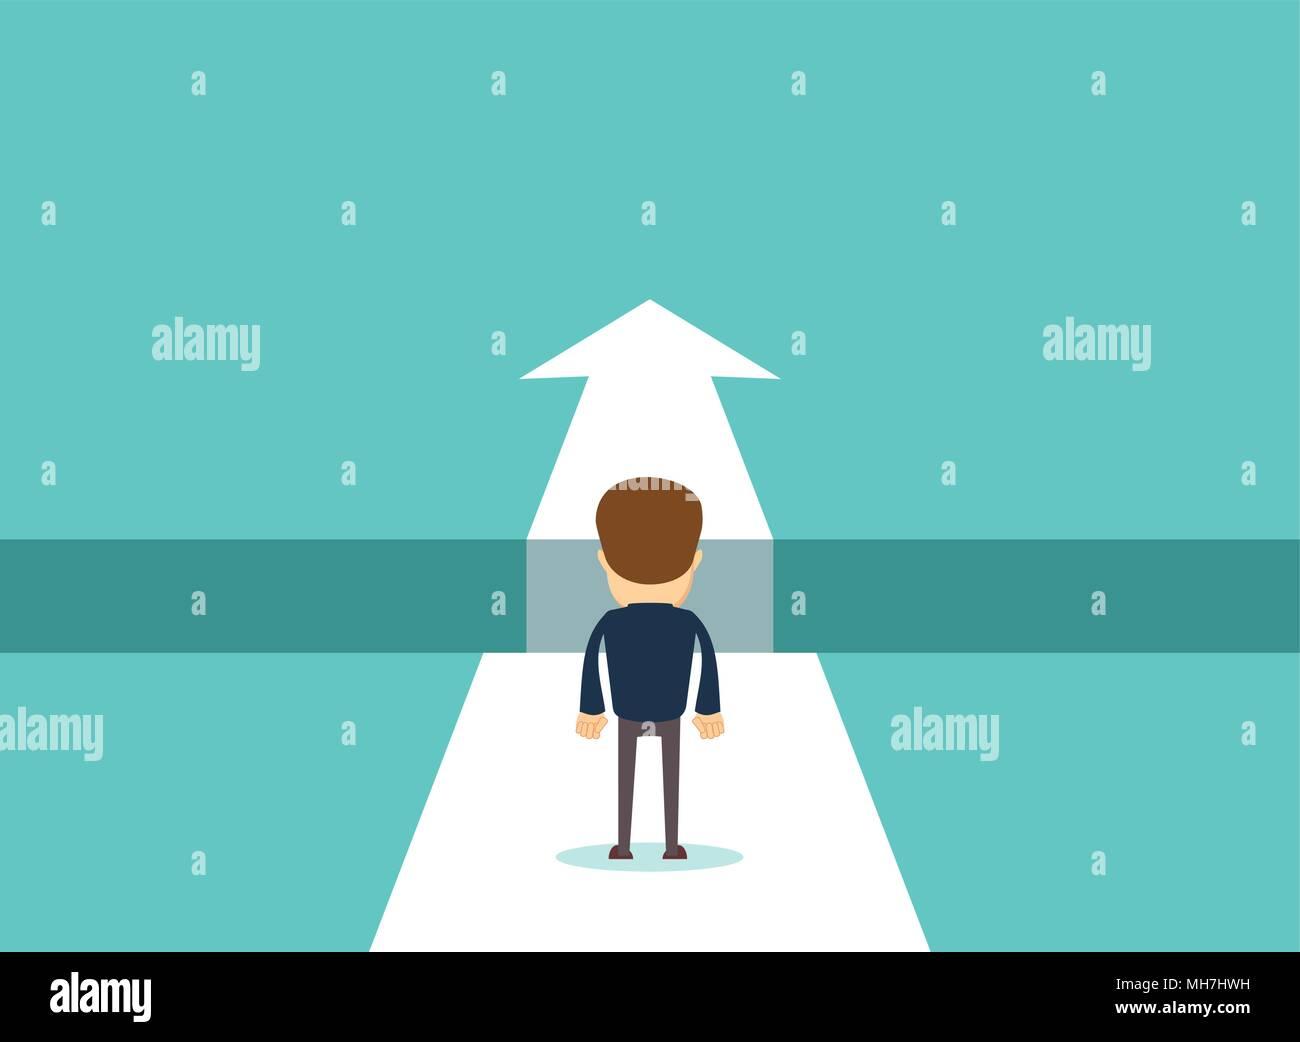 Geschäftliche Herausforderung Konzept mit Geschäftsmann auf dem Weg zum Gap. Stockbild